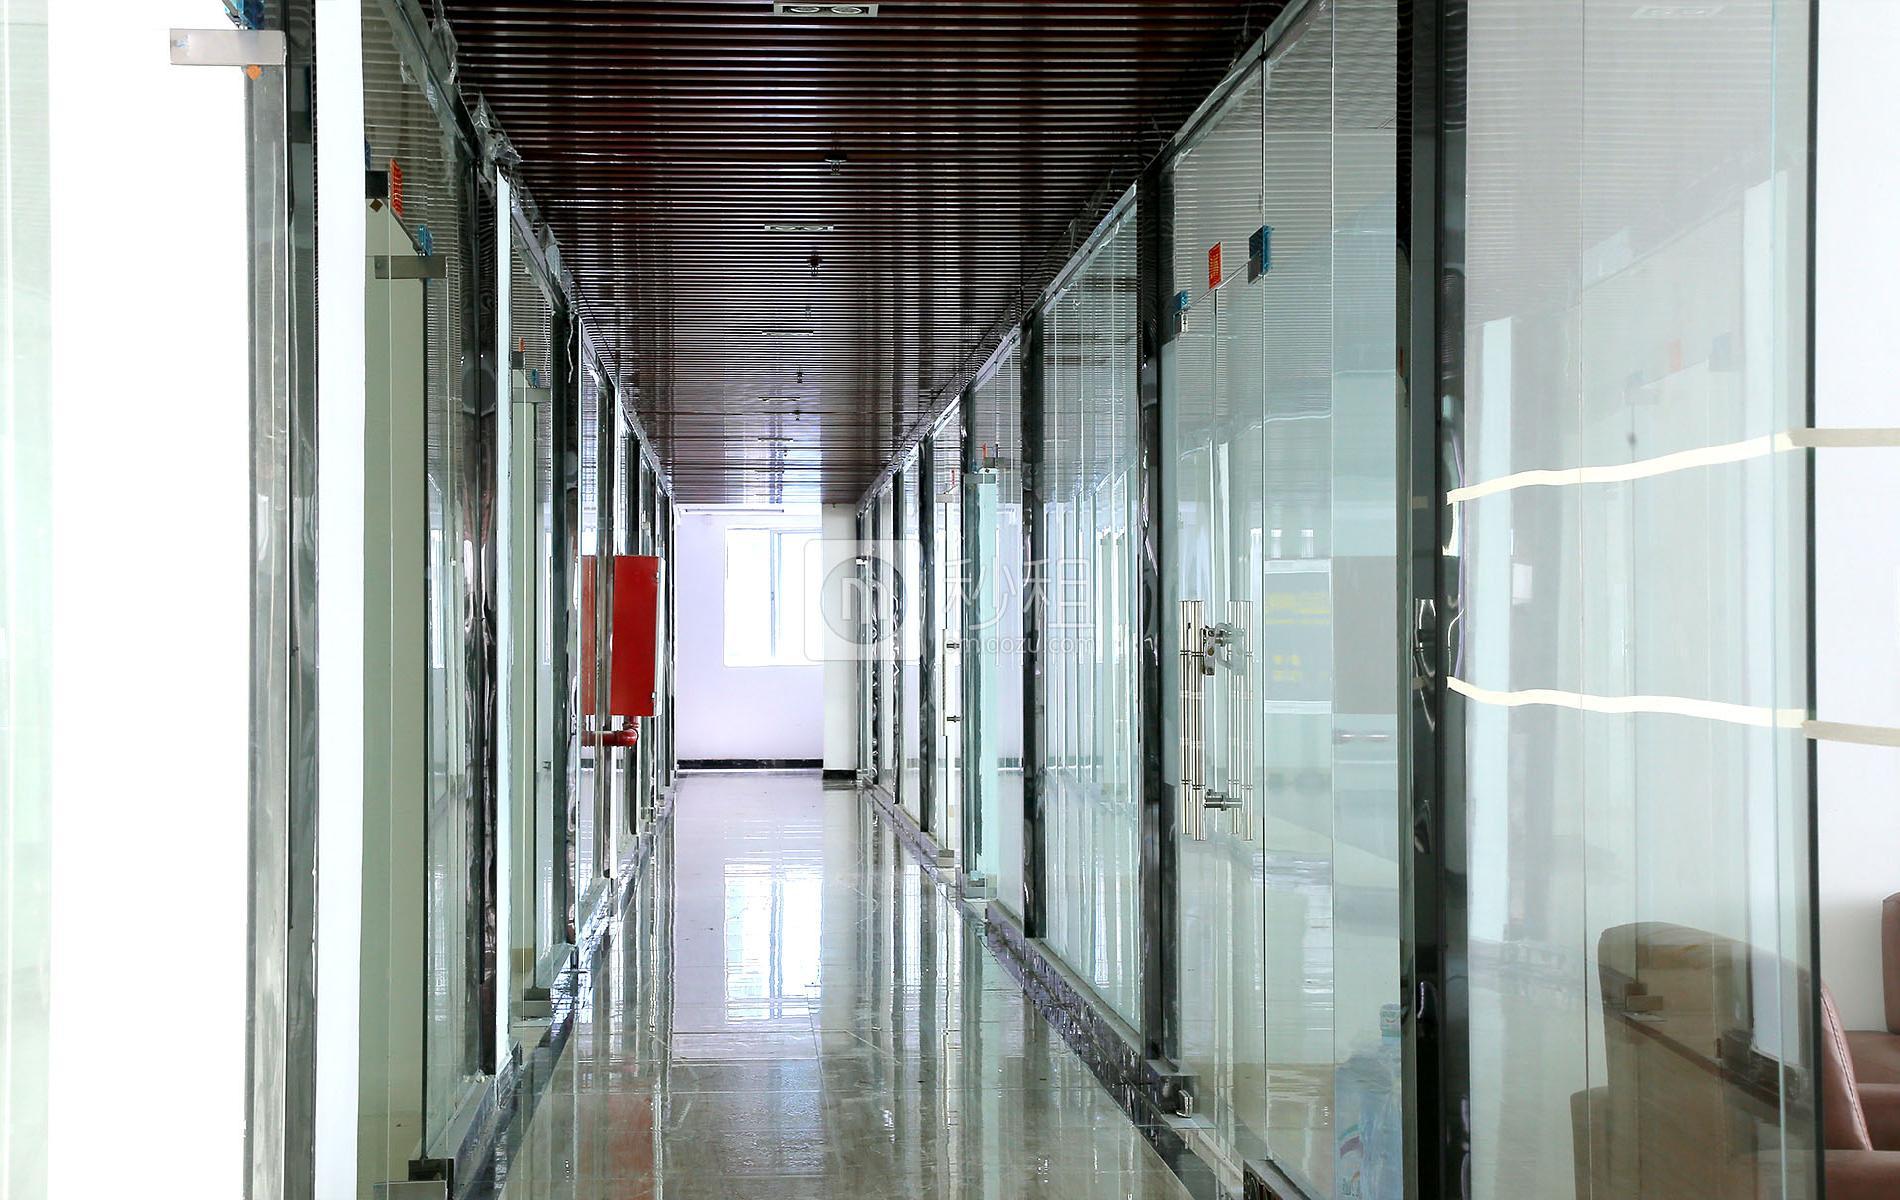 宏业创客大厦写字楼出租/招租/租赁,宏业创客大厦办公室出租/招租/租赁